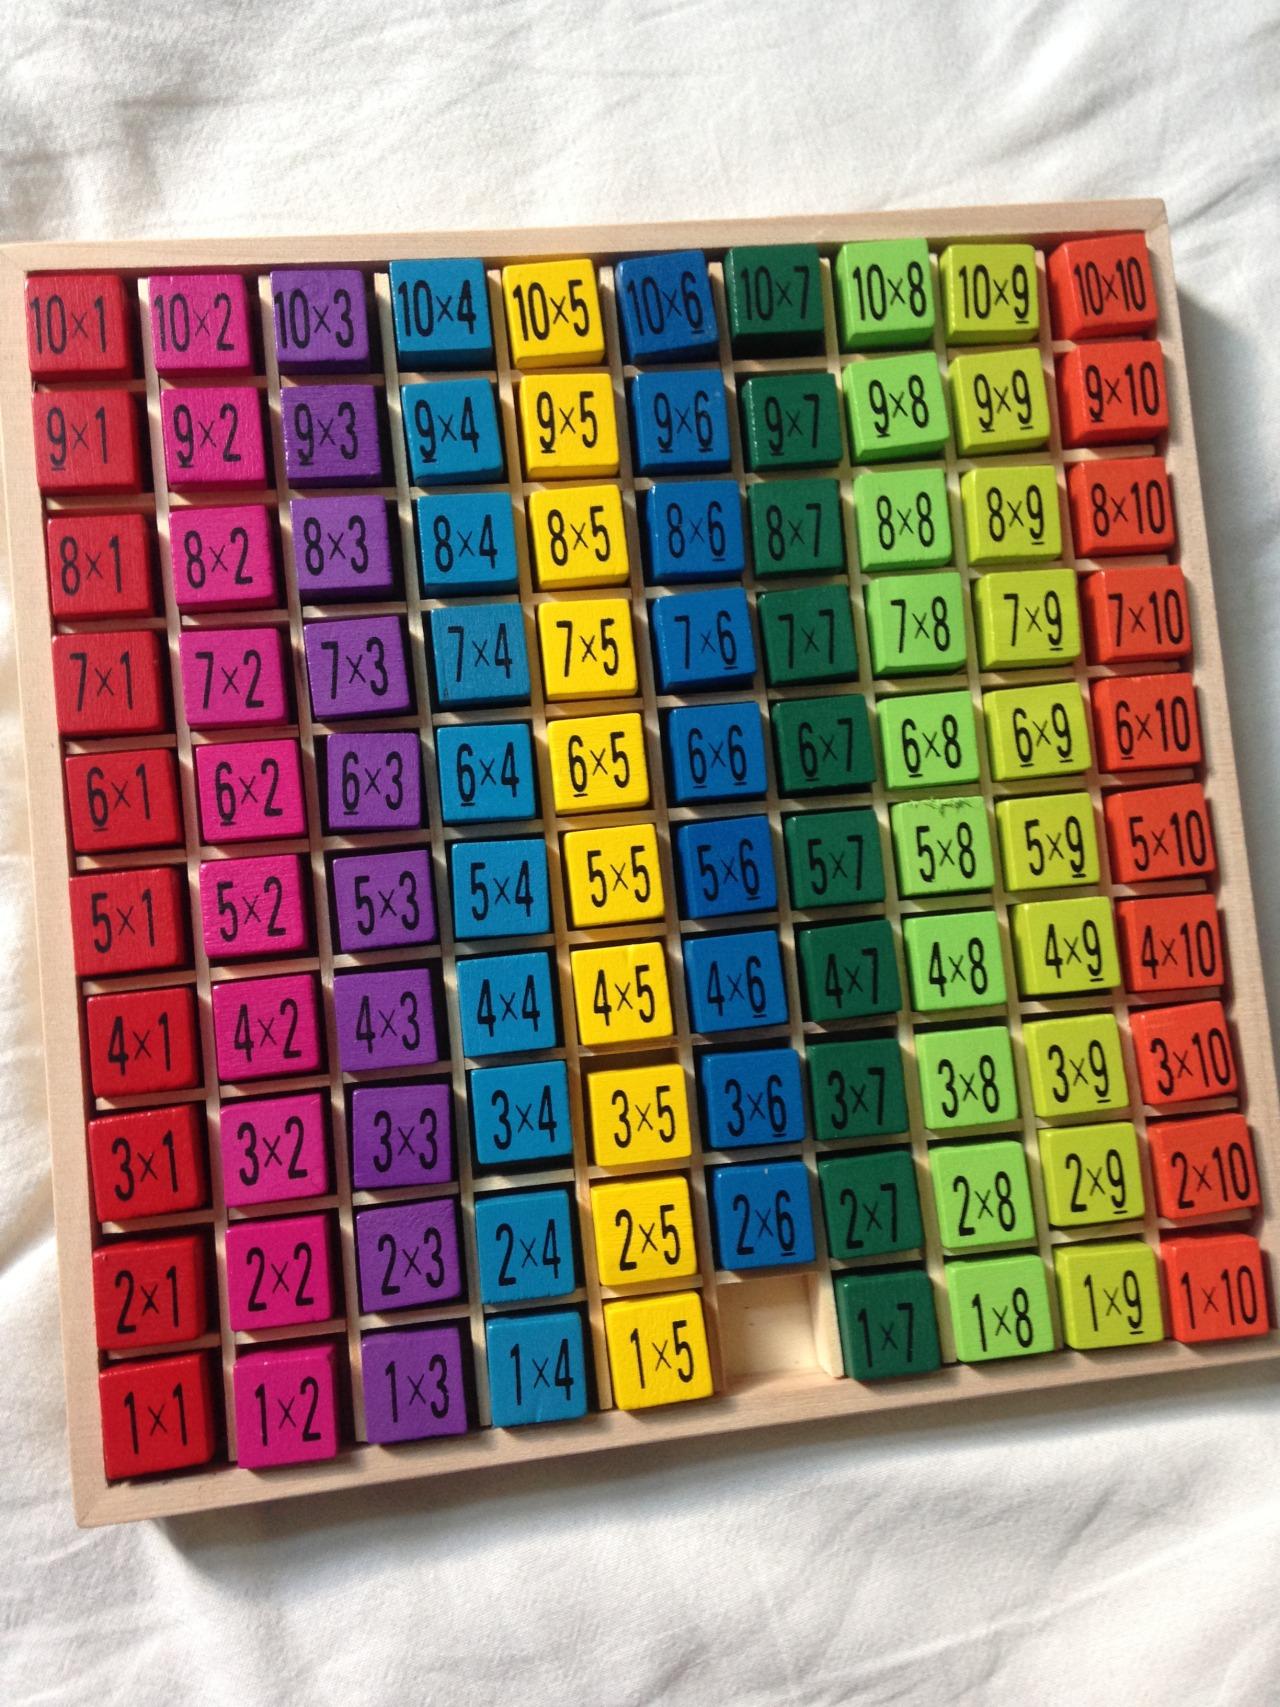 De rekentafels van tien